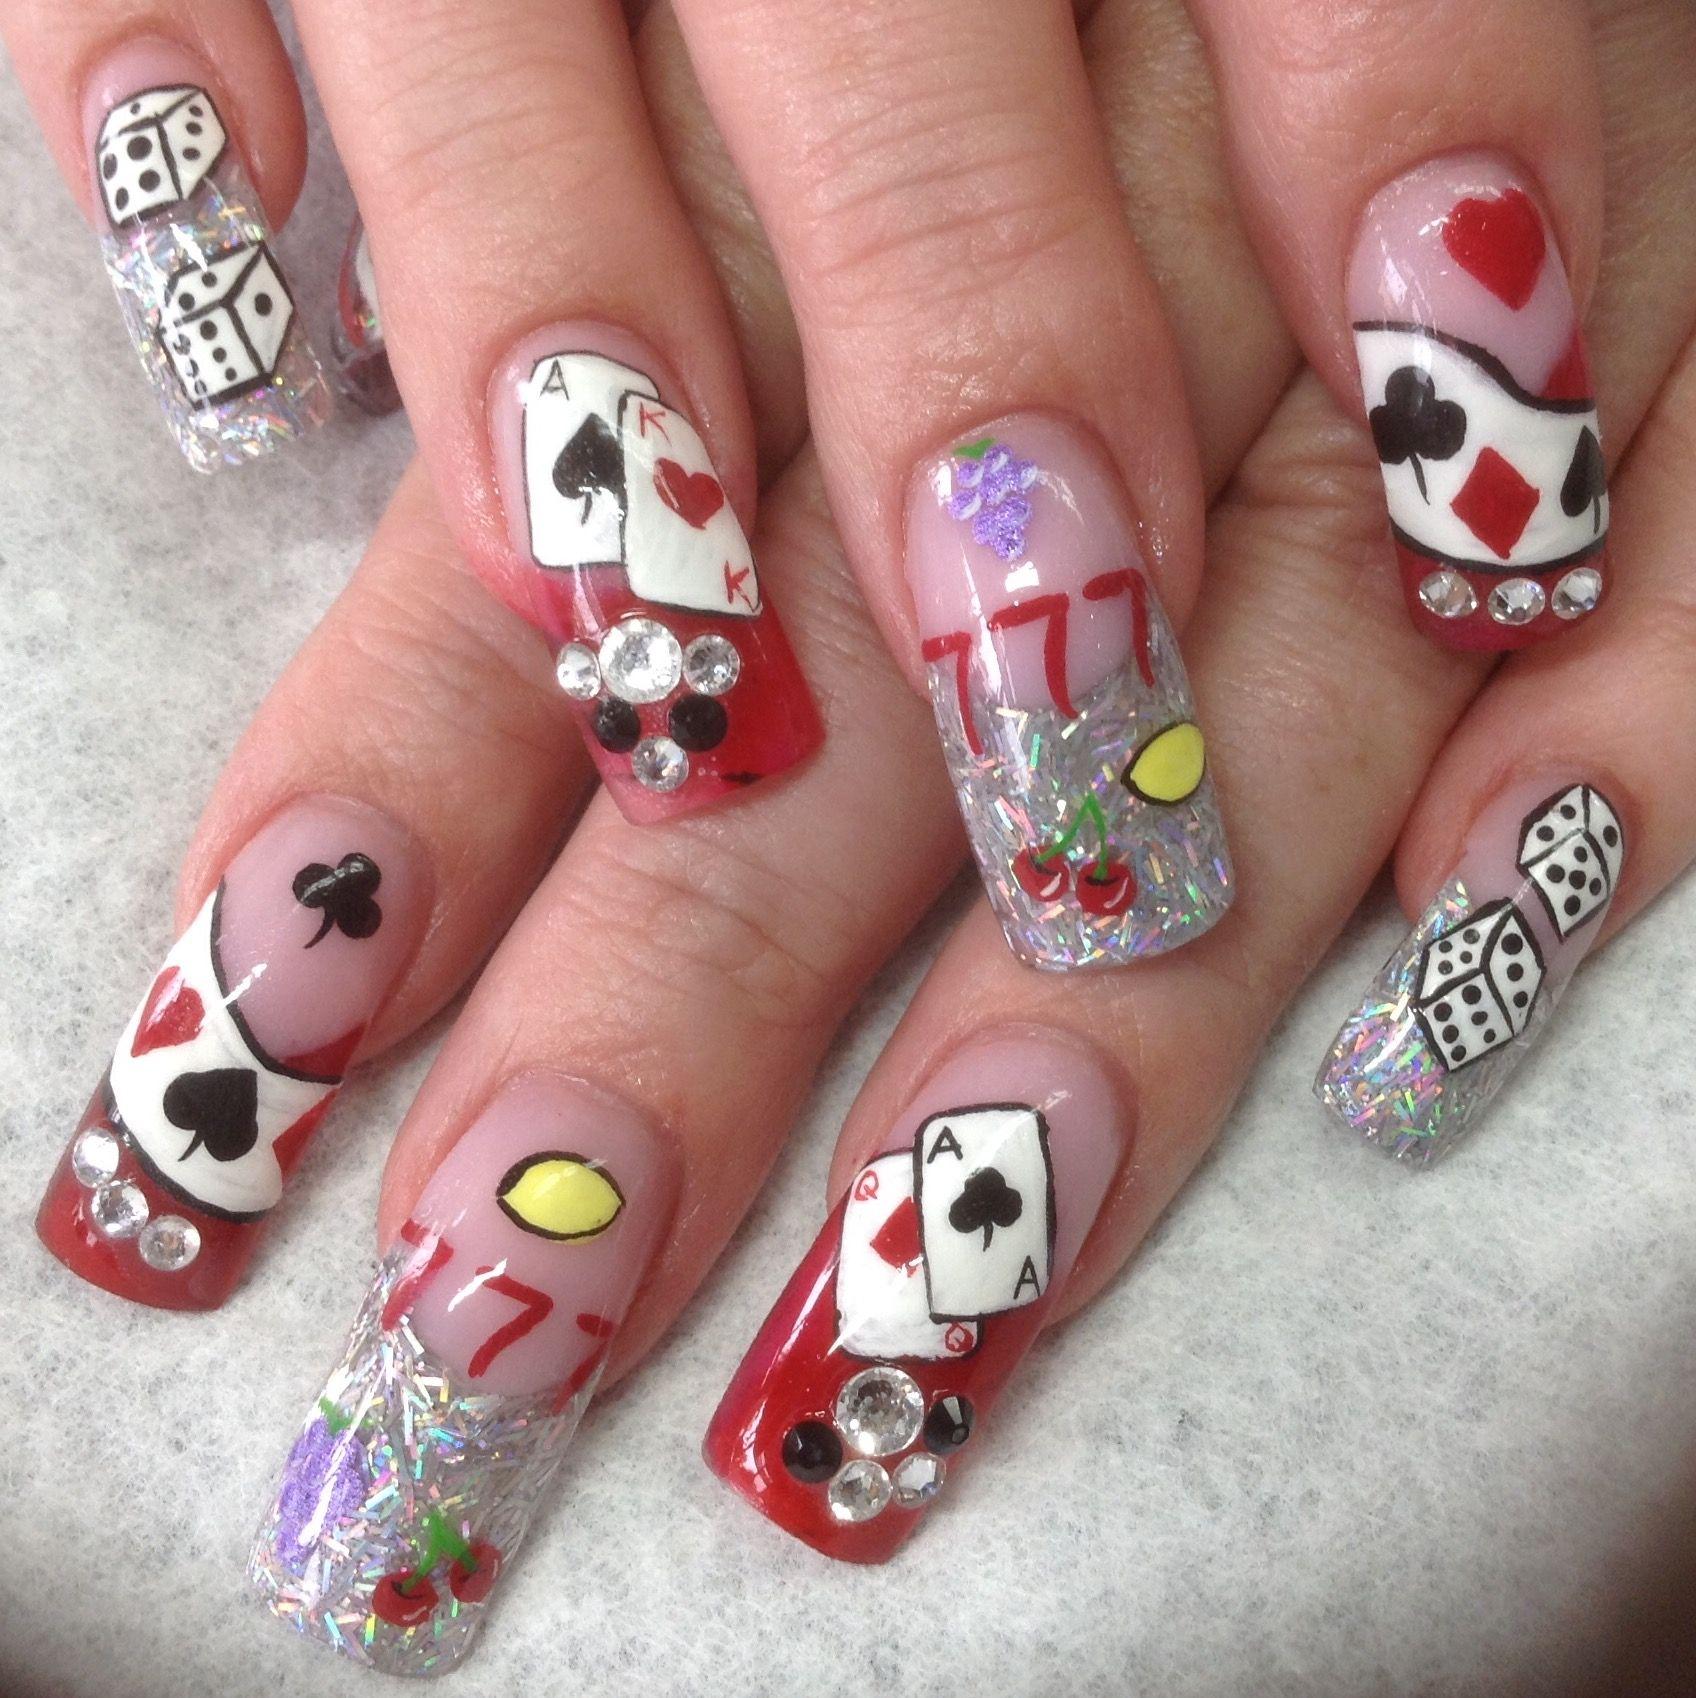 Las Vegas Nails   nail art   Pinterest   Las vegas nails, Vegas ...